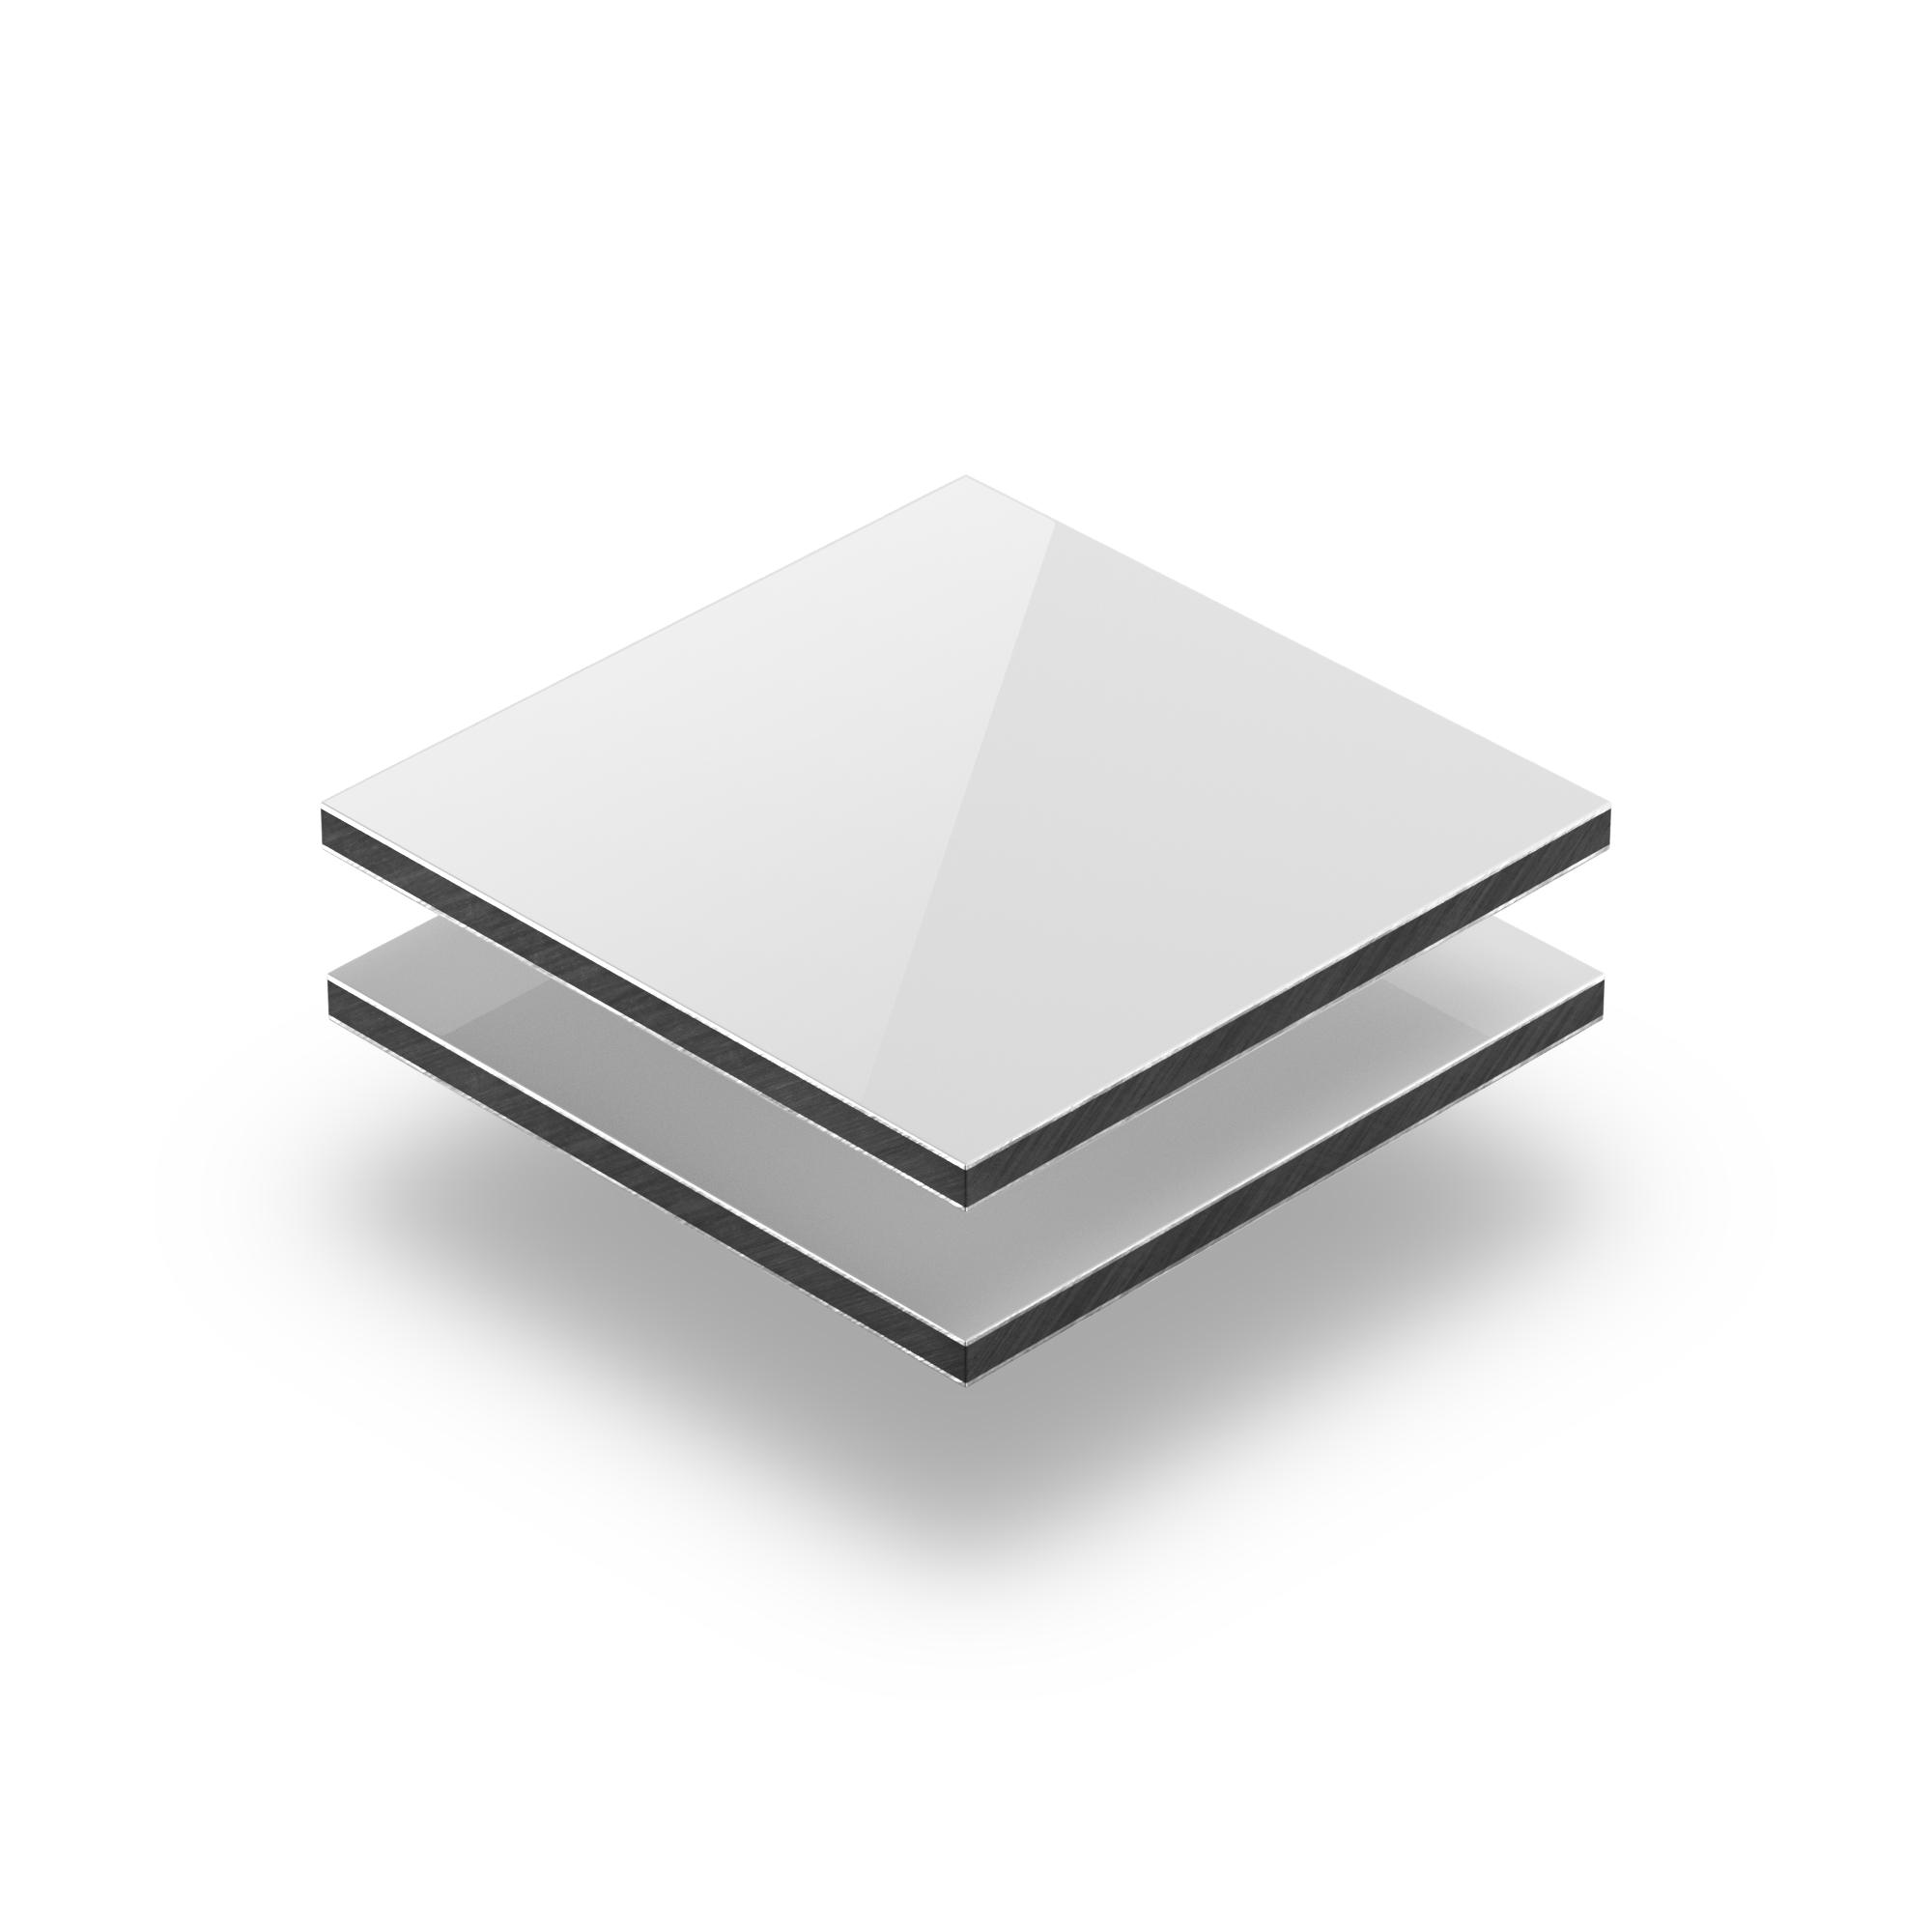 Alupanel Alu Verbundplatten Weiss 3 Mm Glanzend Zuschnitt